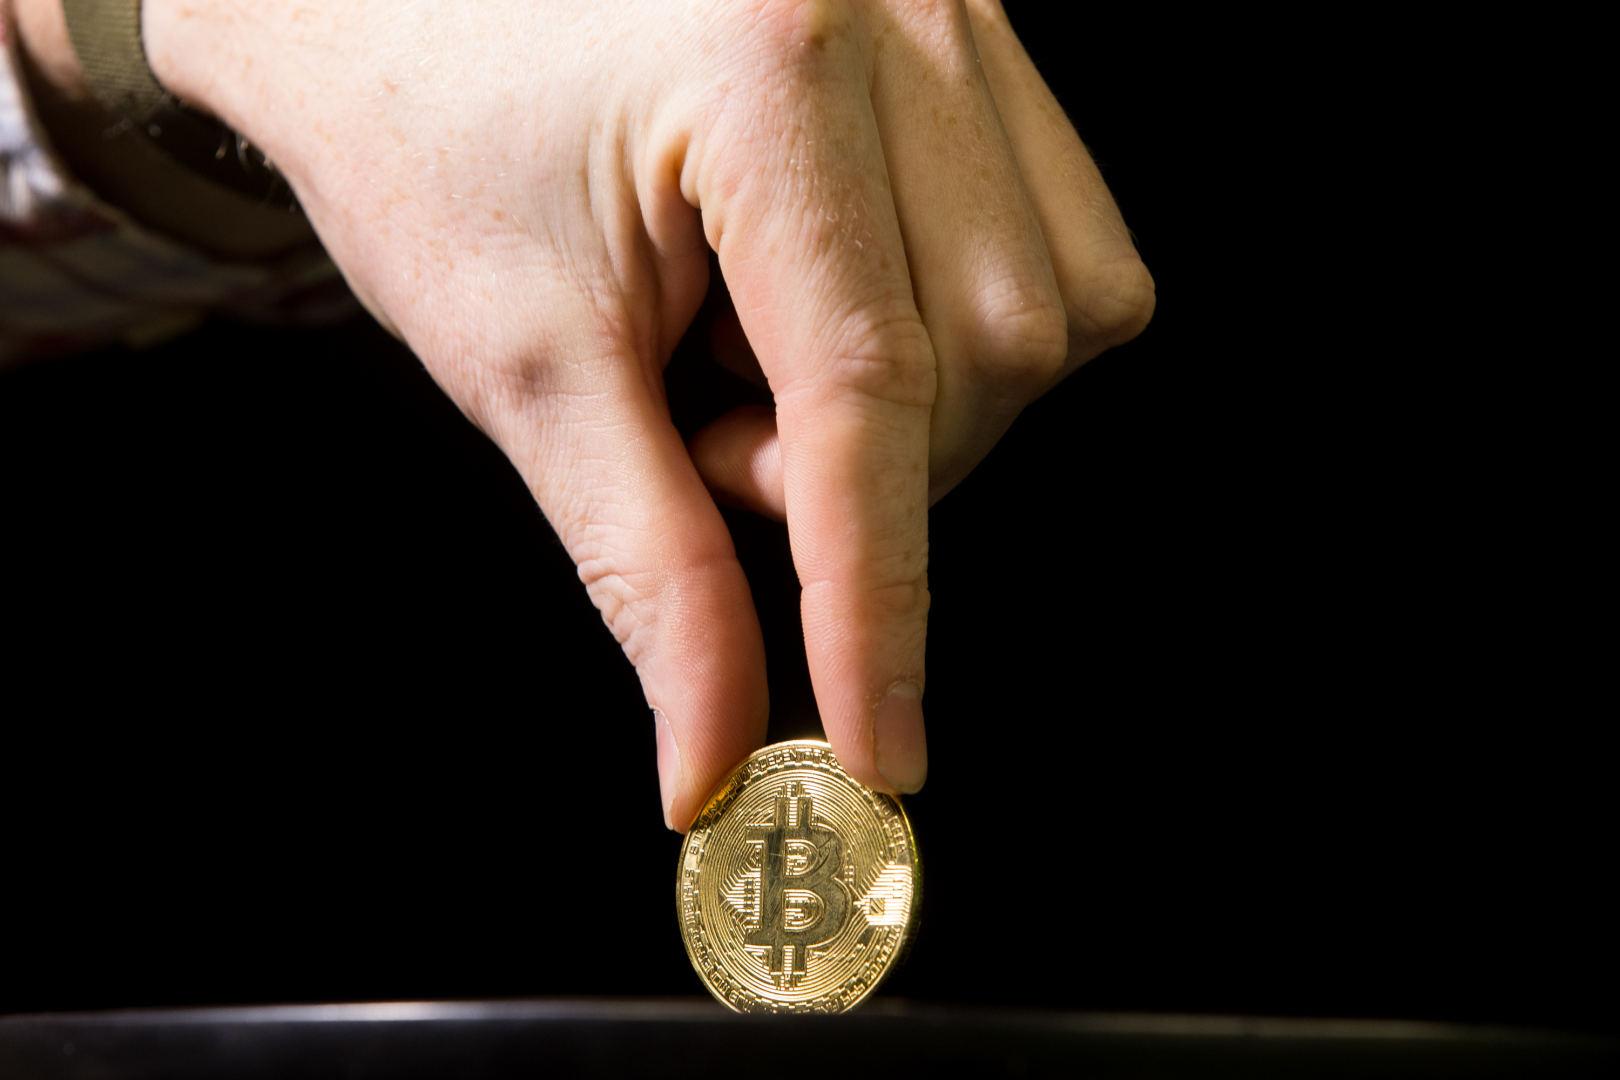 Kaip bitcoin uždirbs pinigų, kaip užsidirbti pinigų - Ar galima užsidirbti bitcoin iš čiaupų